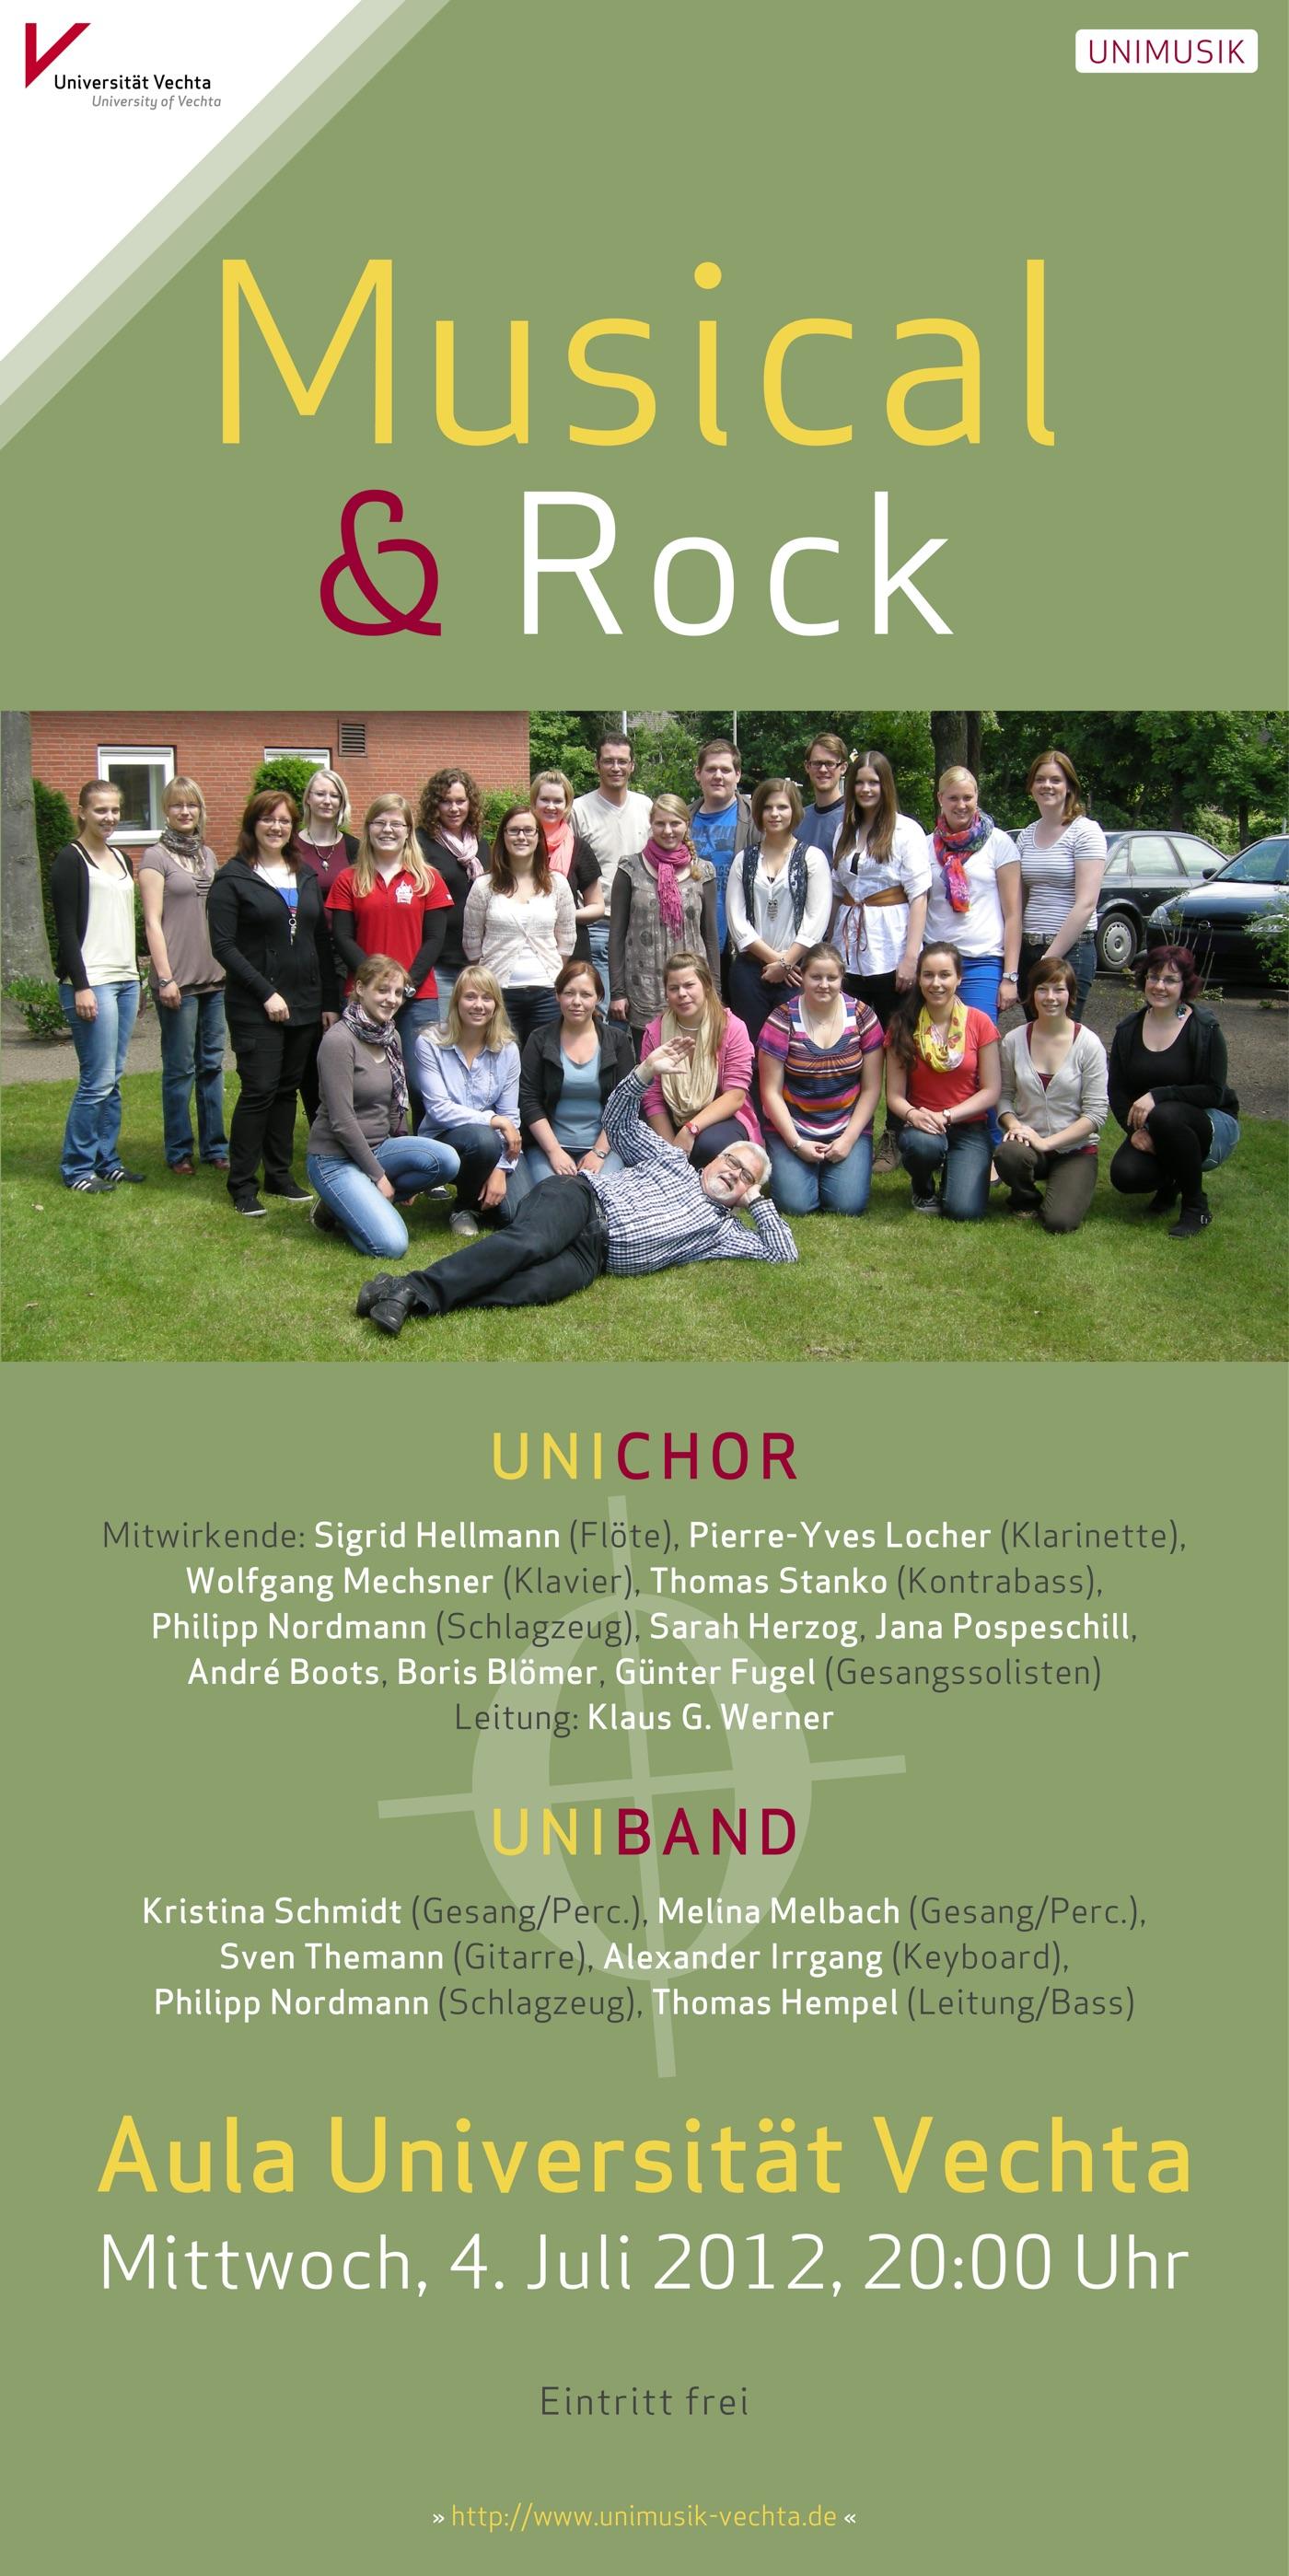 Musical und Rock · UNIMUSIK